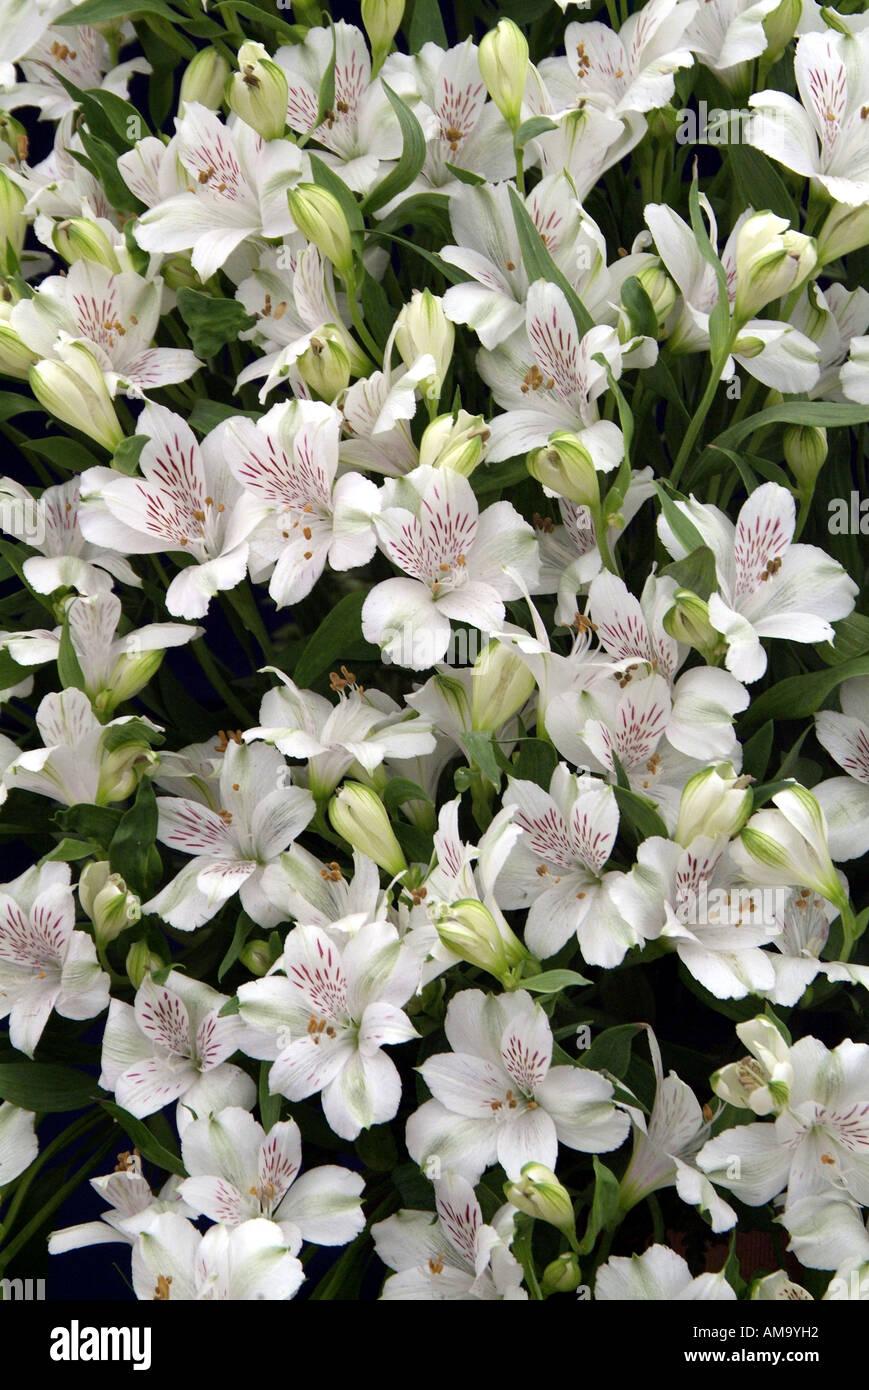 L'alstroemeria péruvienne Virginia lily bloom tête pétale plante pot pastel ampoule tropicales exotiques cultivées en serre chaude serre Banque D'Images